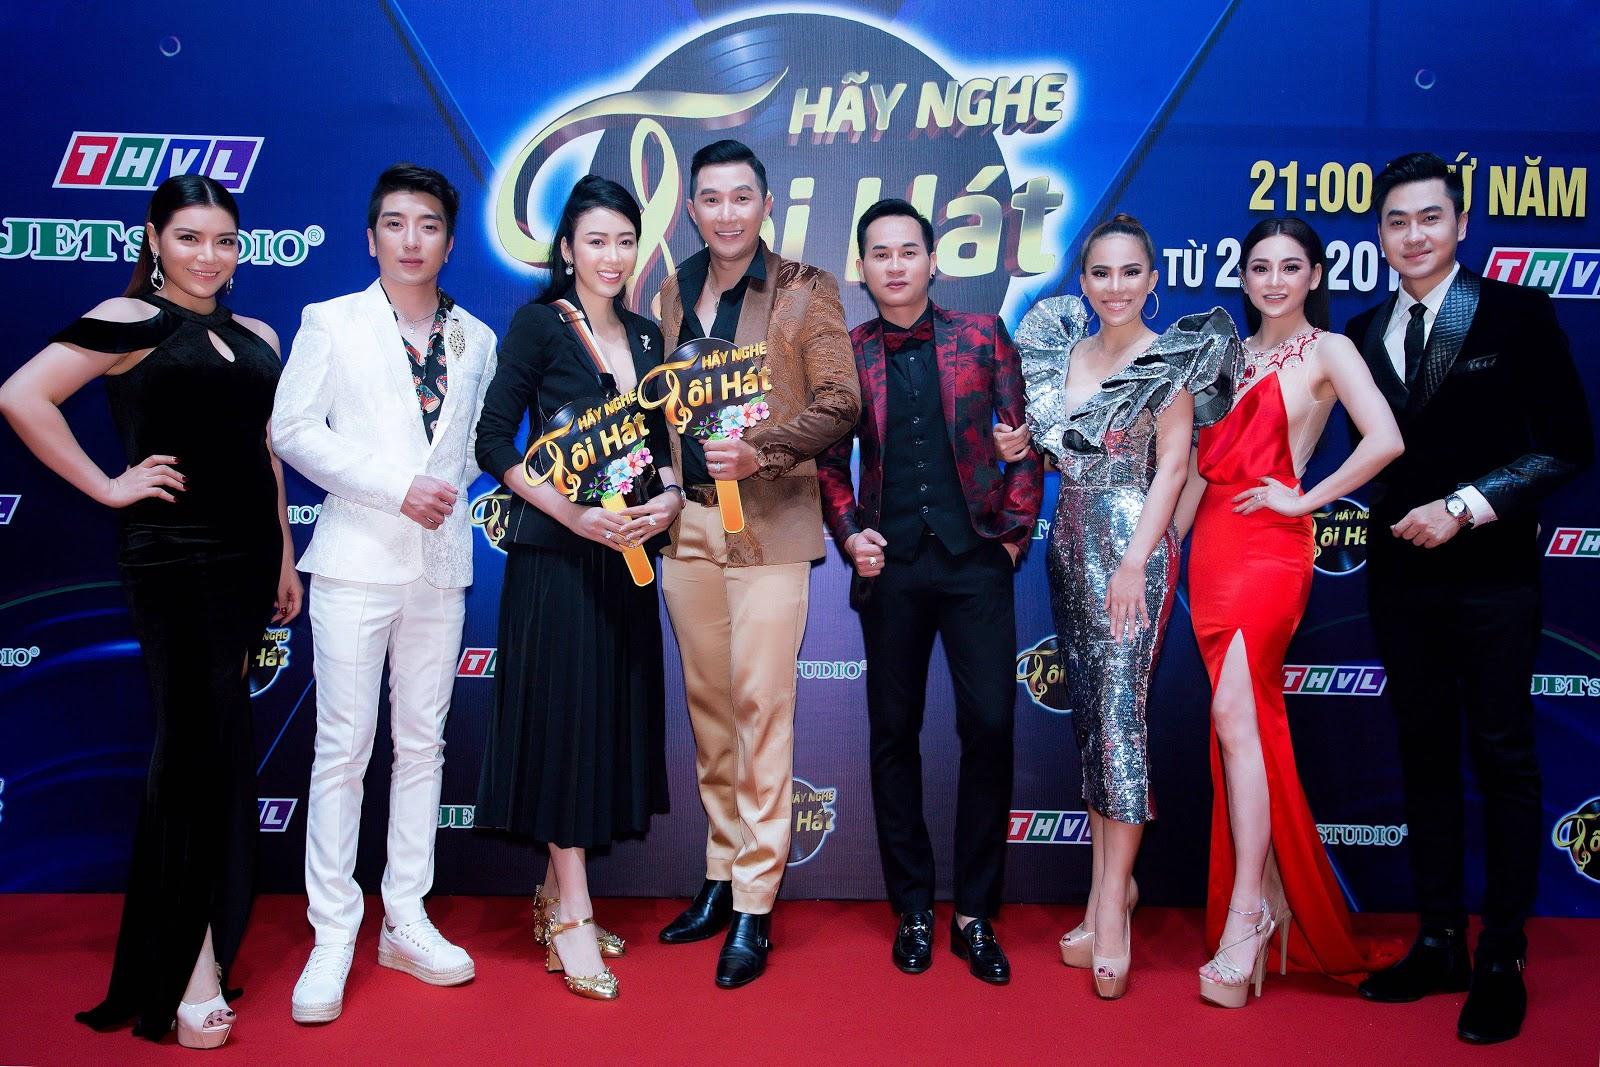 Hoa hậu - NTK Nhật Phượng đọ dáng quyến rũ cùng Phương Trinh Jolie - Hình 4